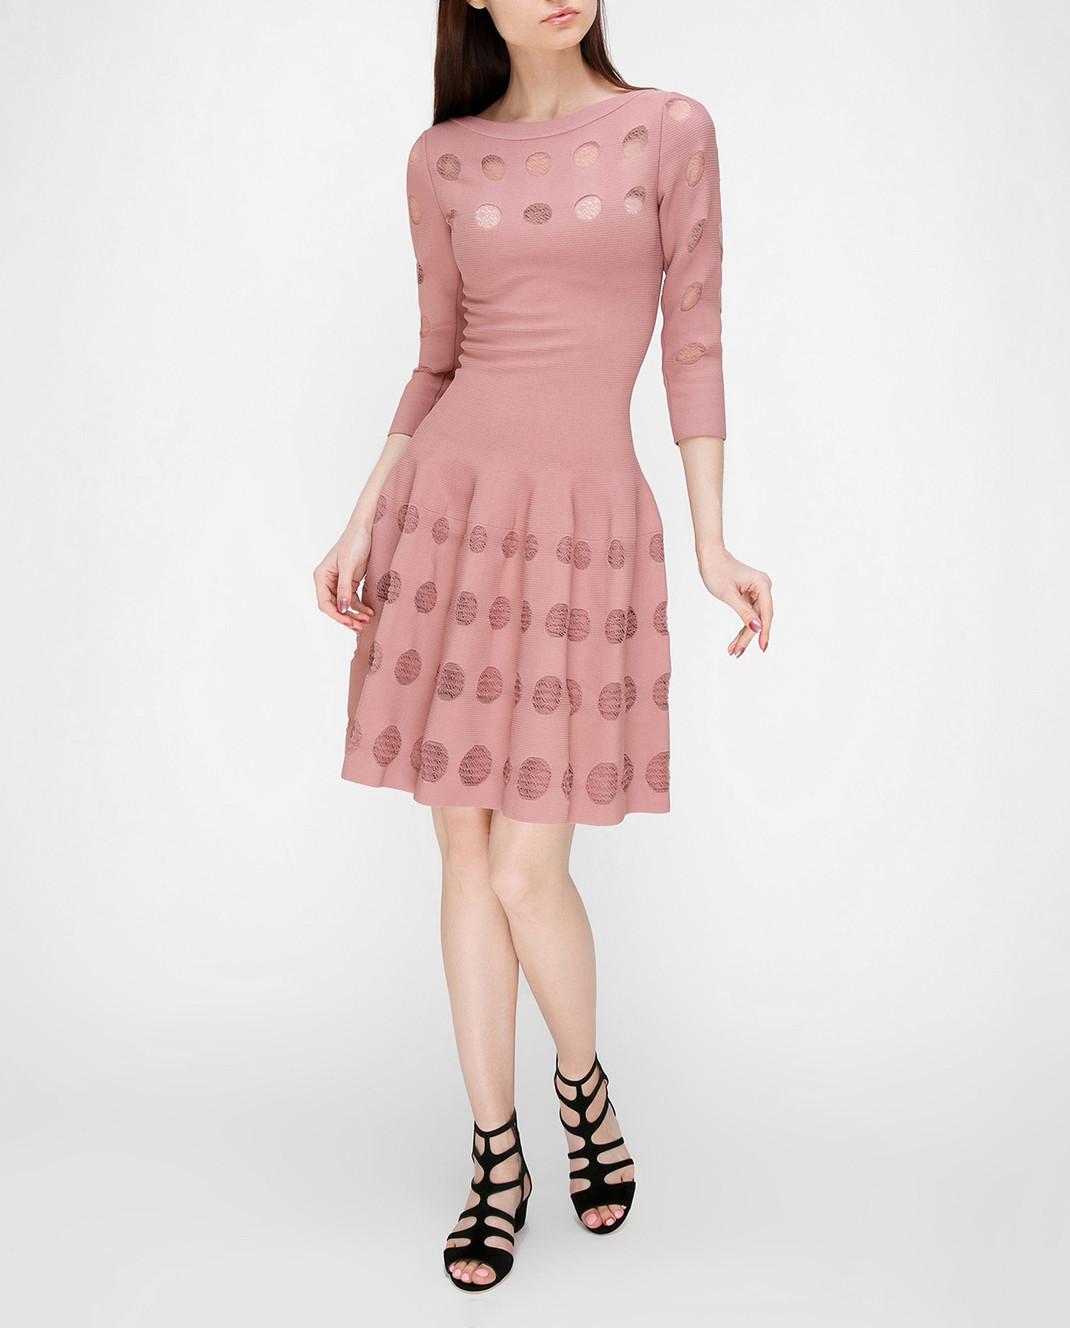 Azzedine Alaia Розовое платье с перфорацией изображение 2